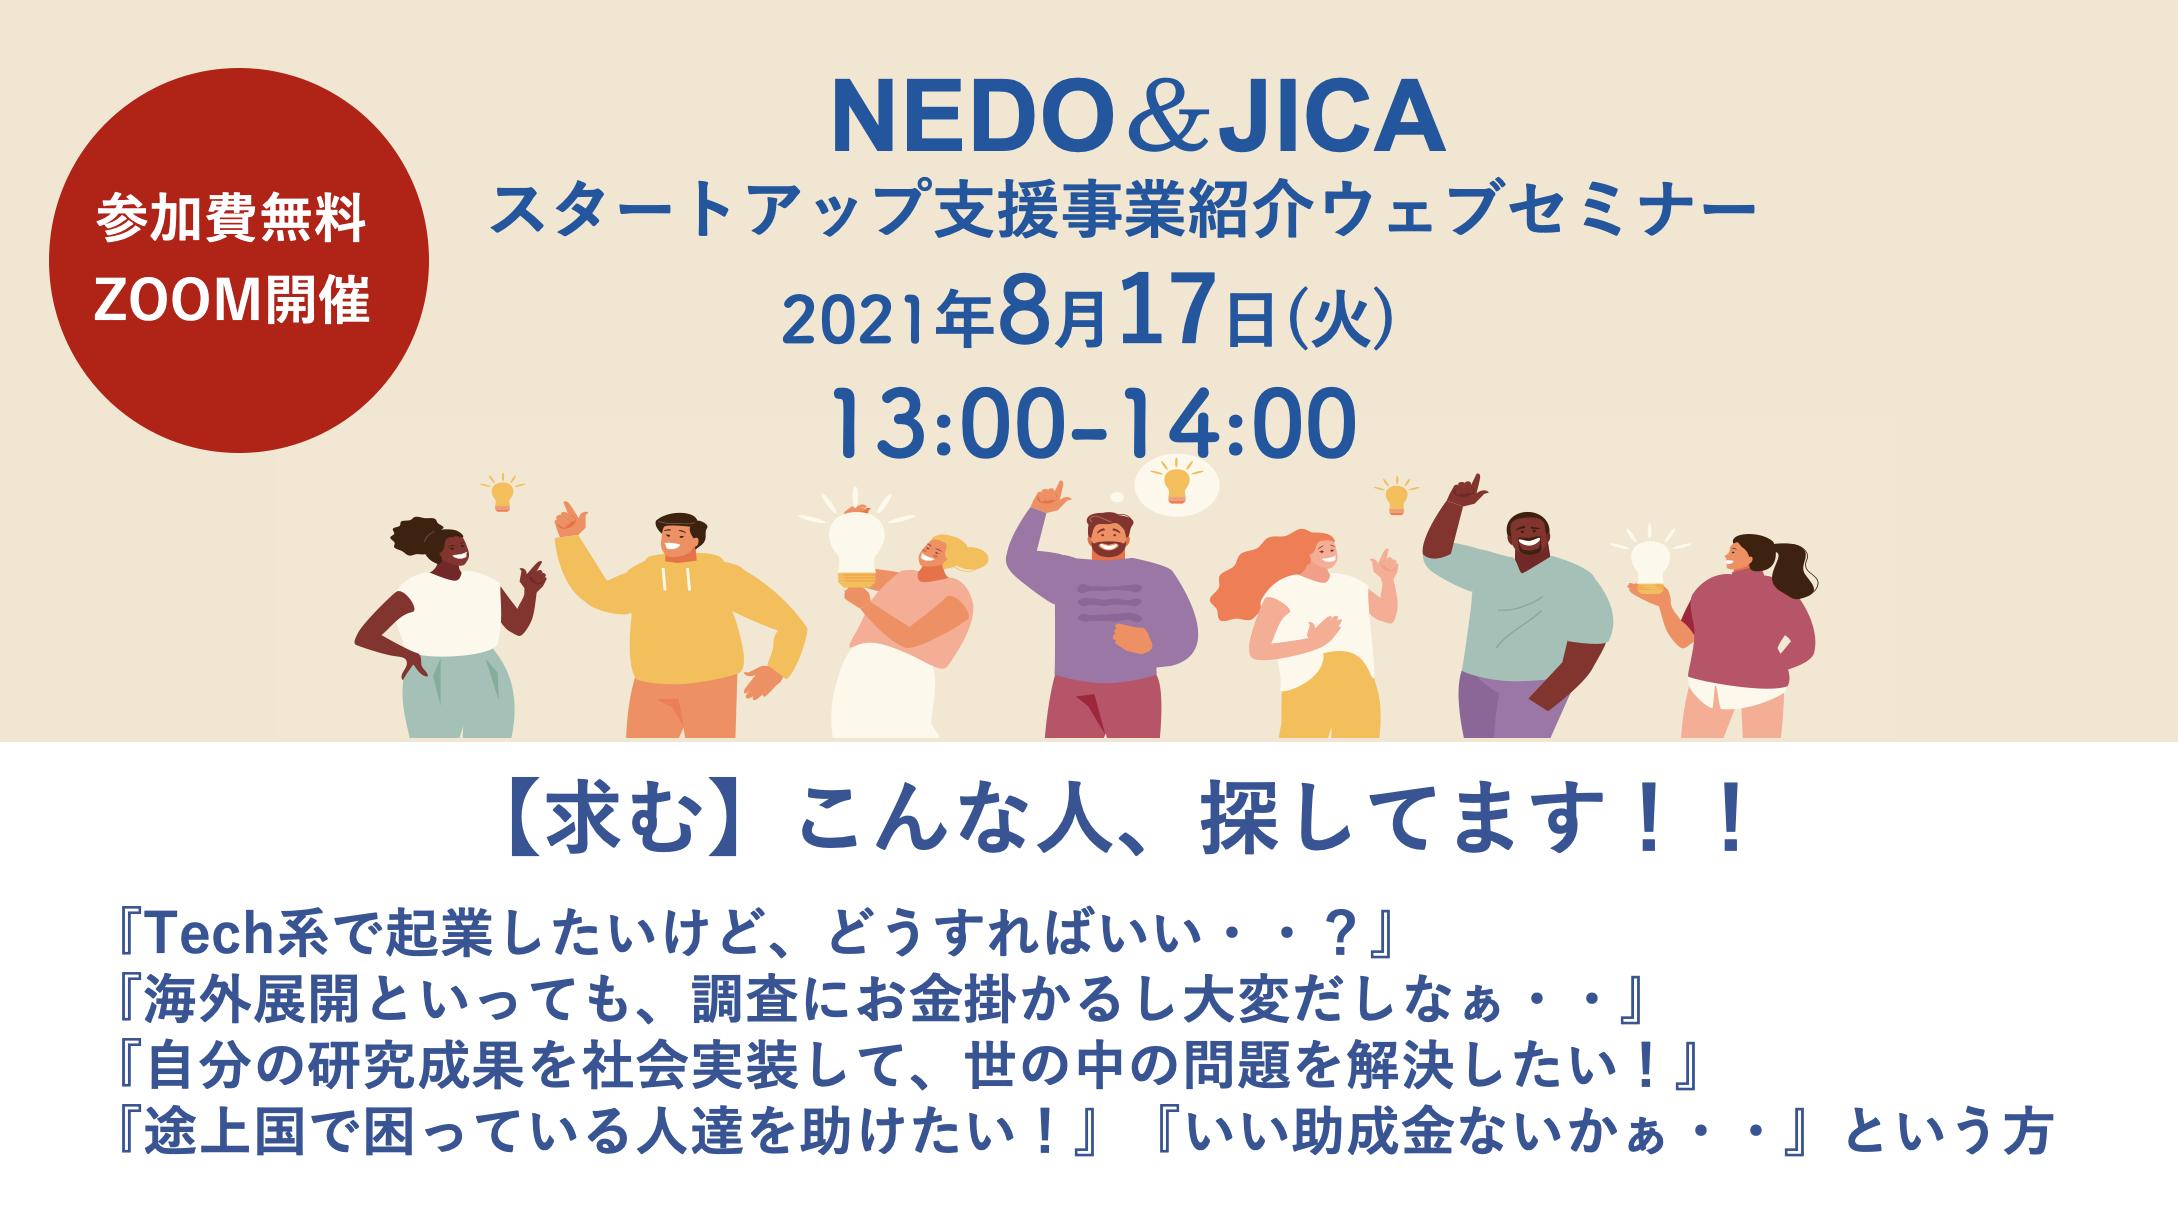 【8/17開催】NEDO &JICAスタートアップ支援事業紹介 ウェブセミナー